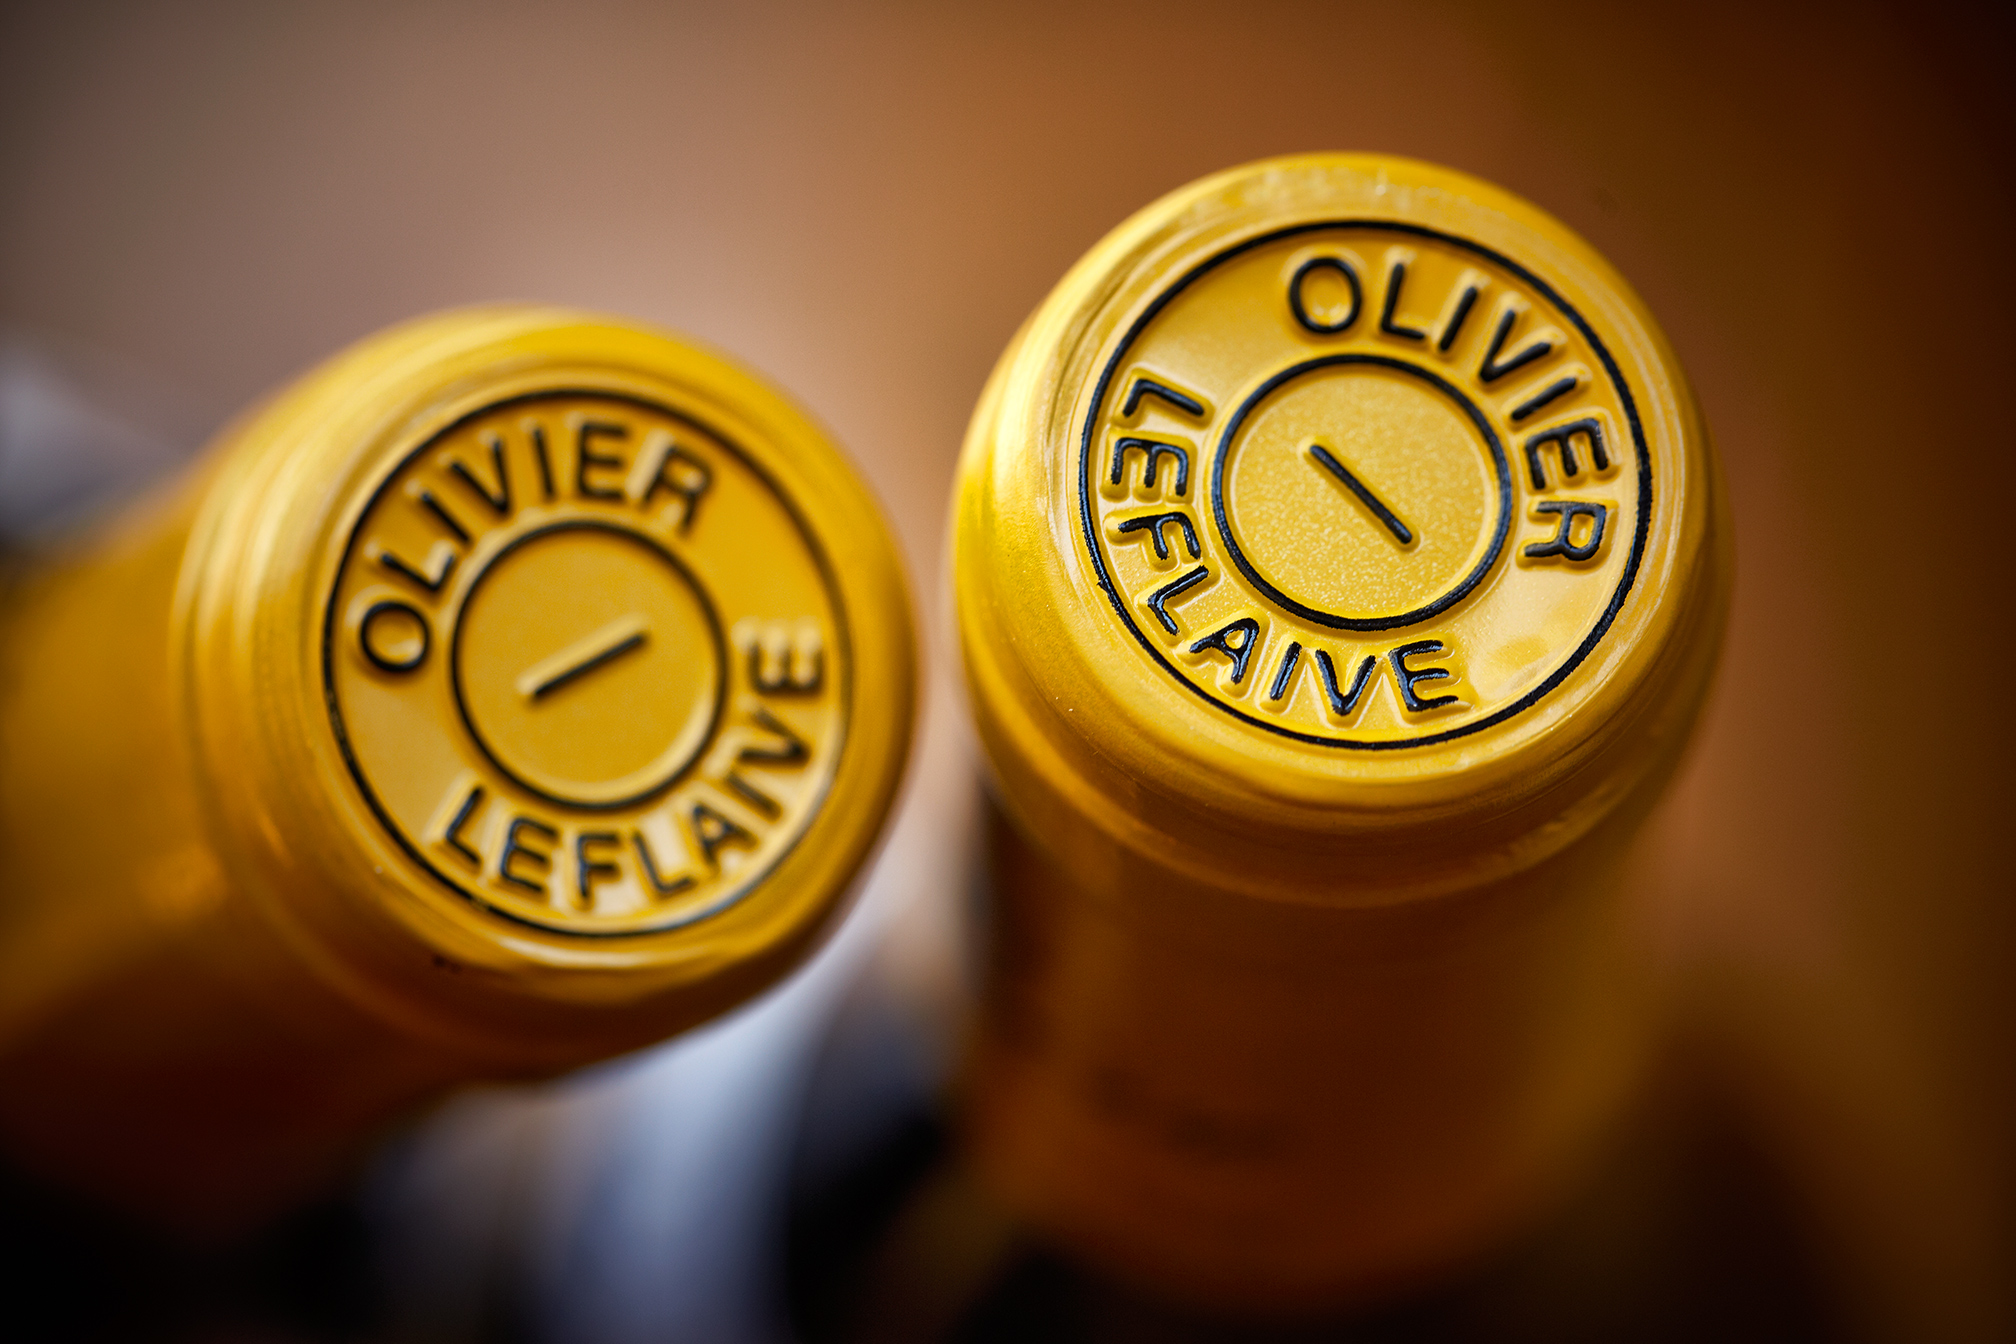 Olivier Leflaive: Burgundy 2017 Vintage Release